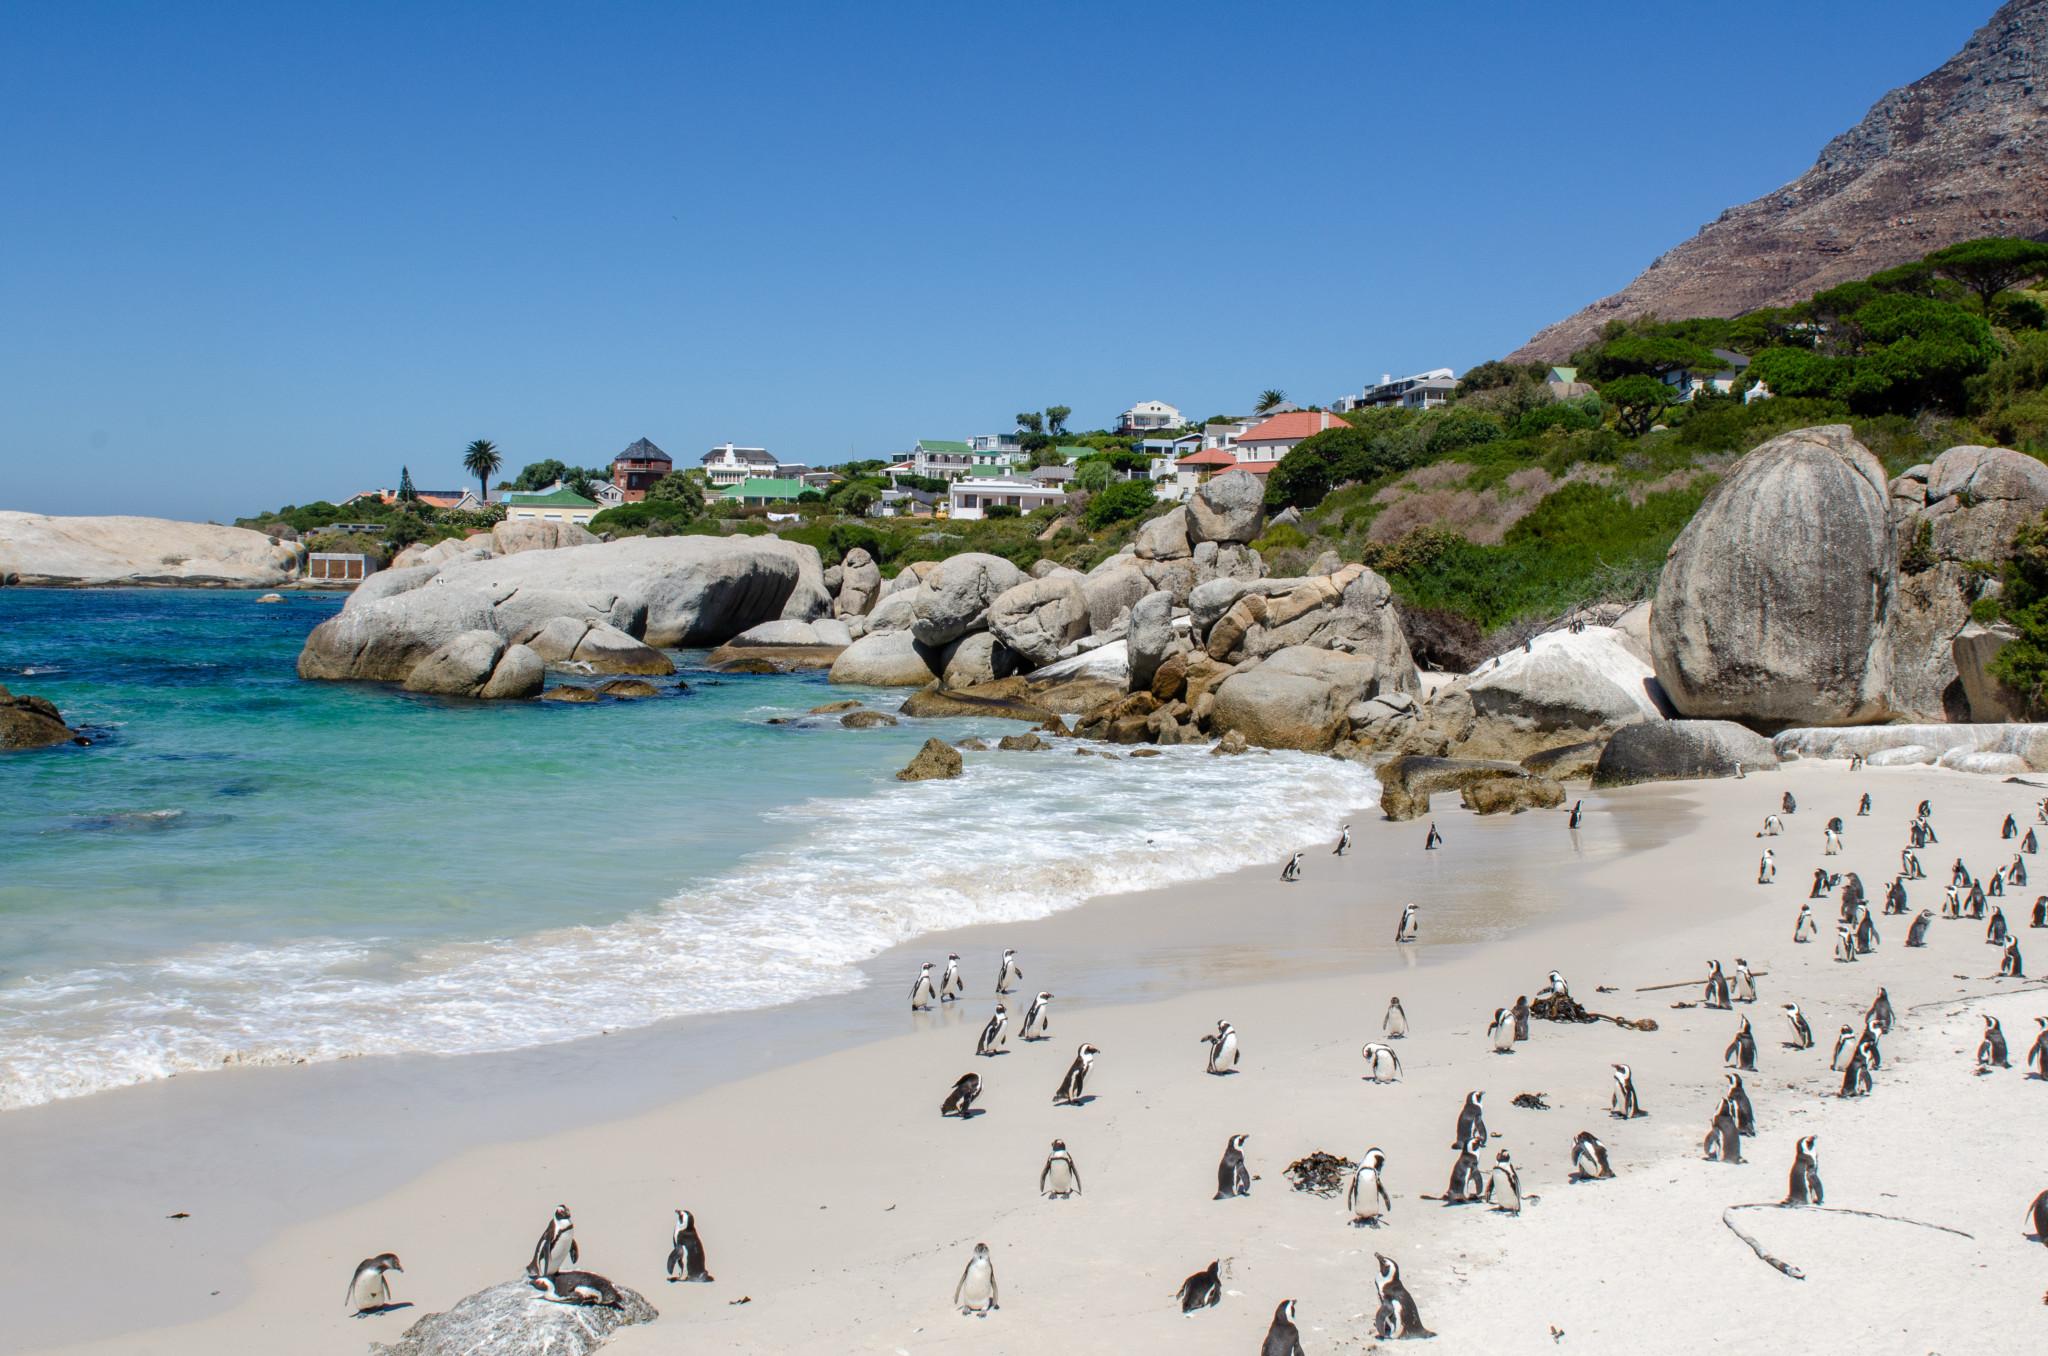 Die Pinguine am Boulders Beach sind schon berühmt